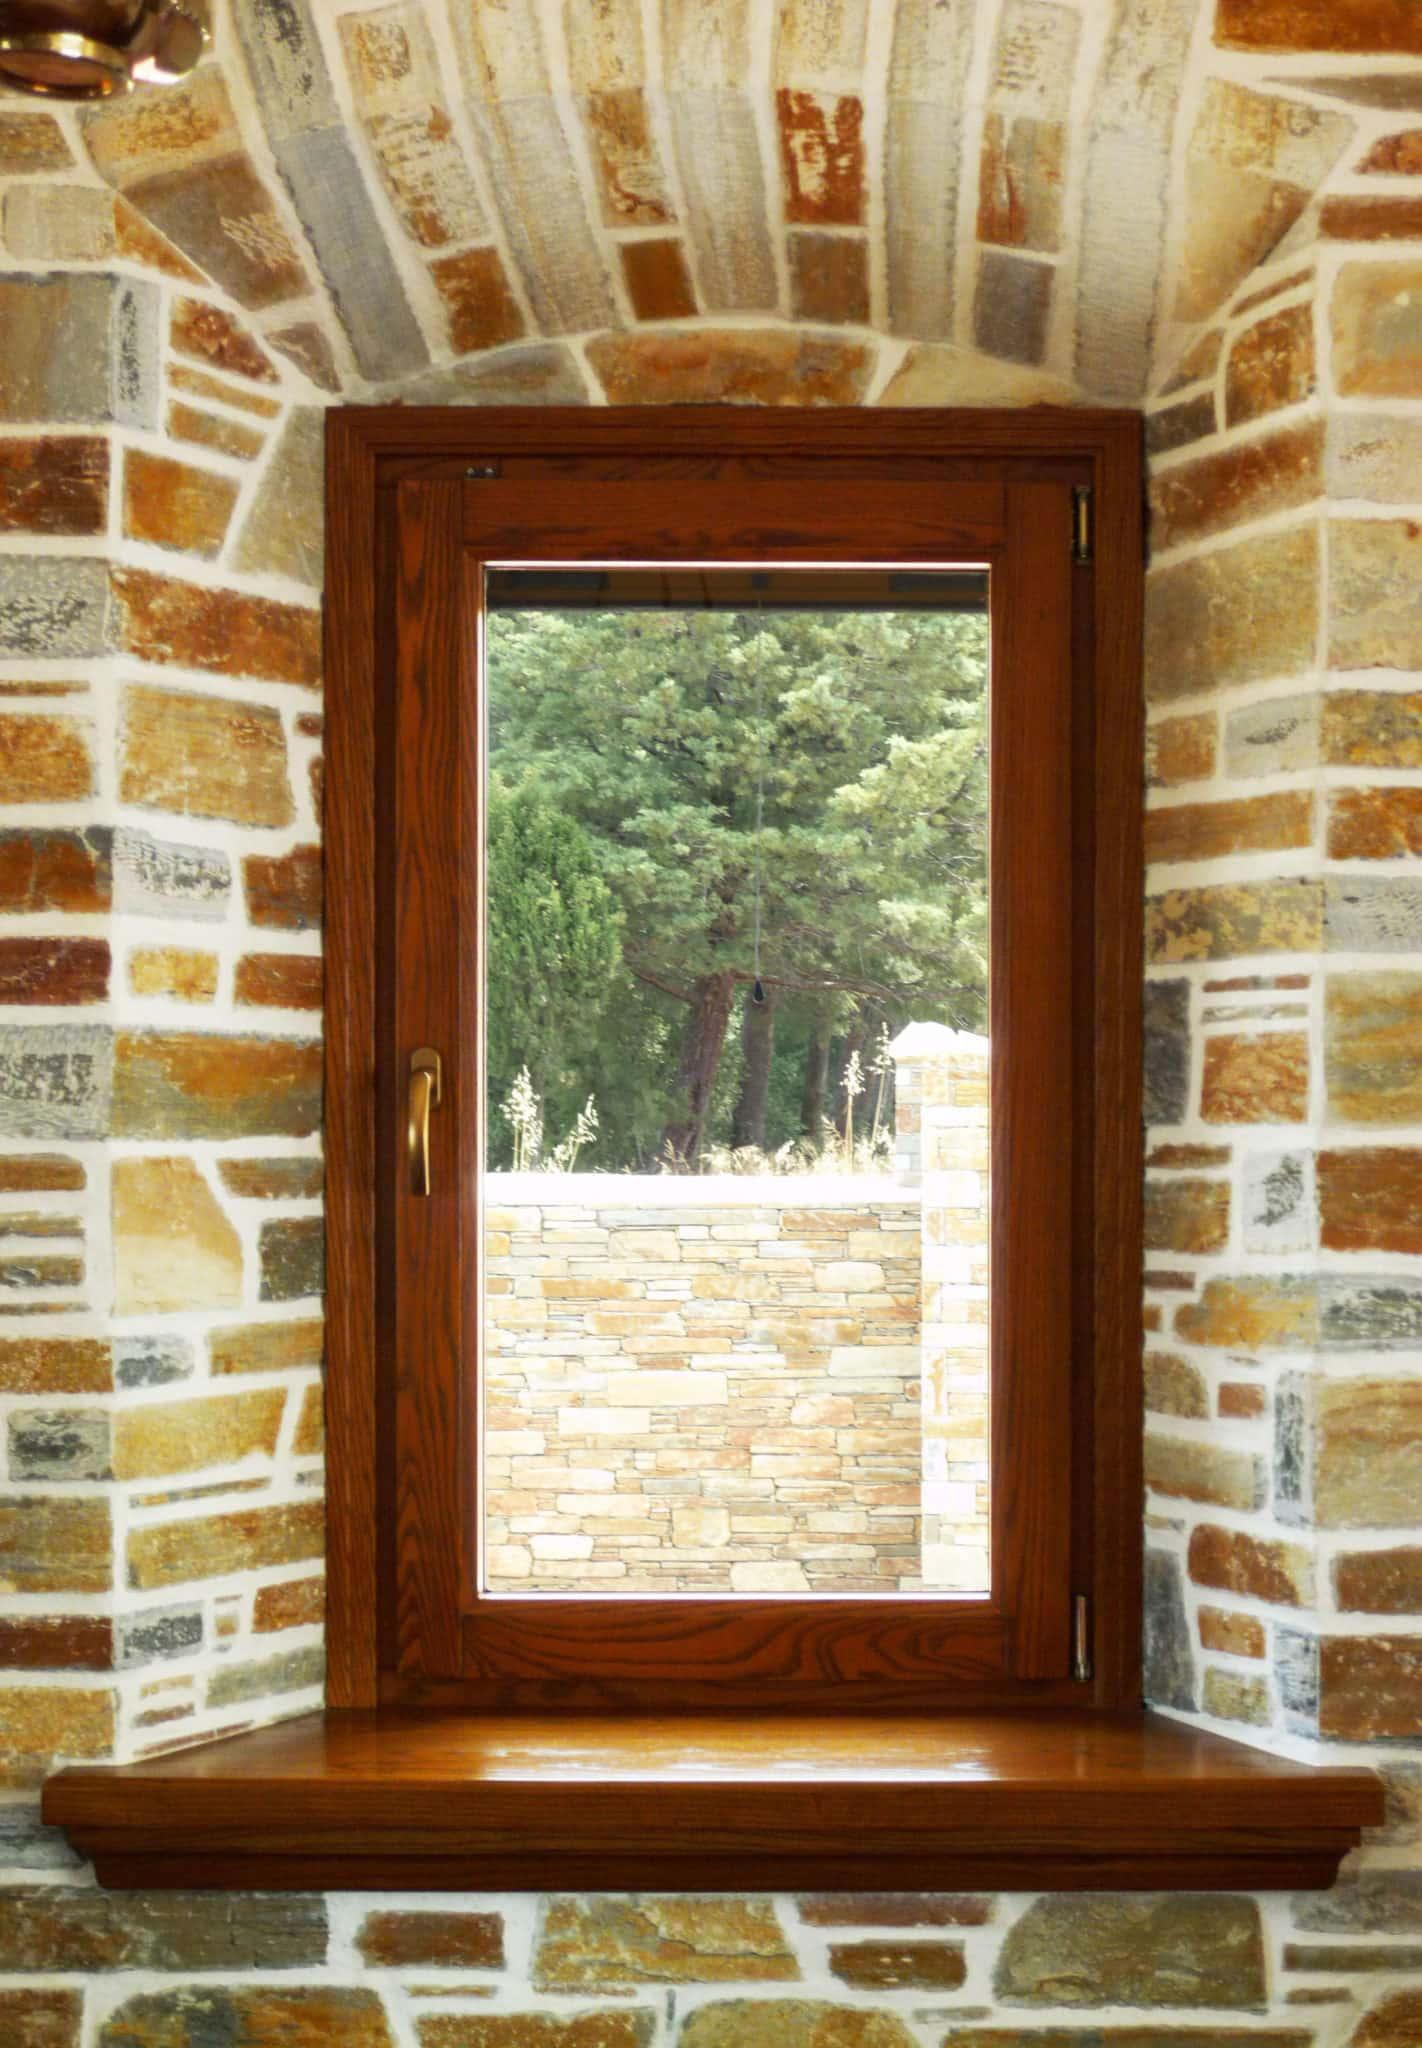 και λιτό ξύλινο μονόφυλλο παράθυρο με γερμανικό χρυσό πόμολο